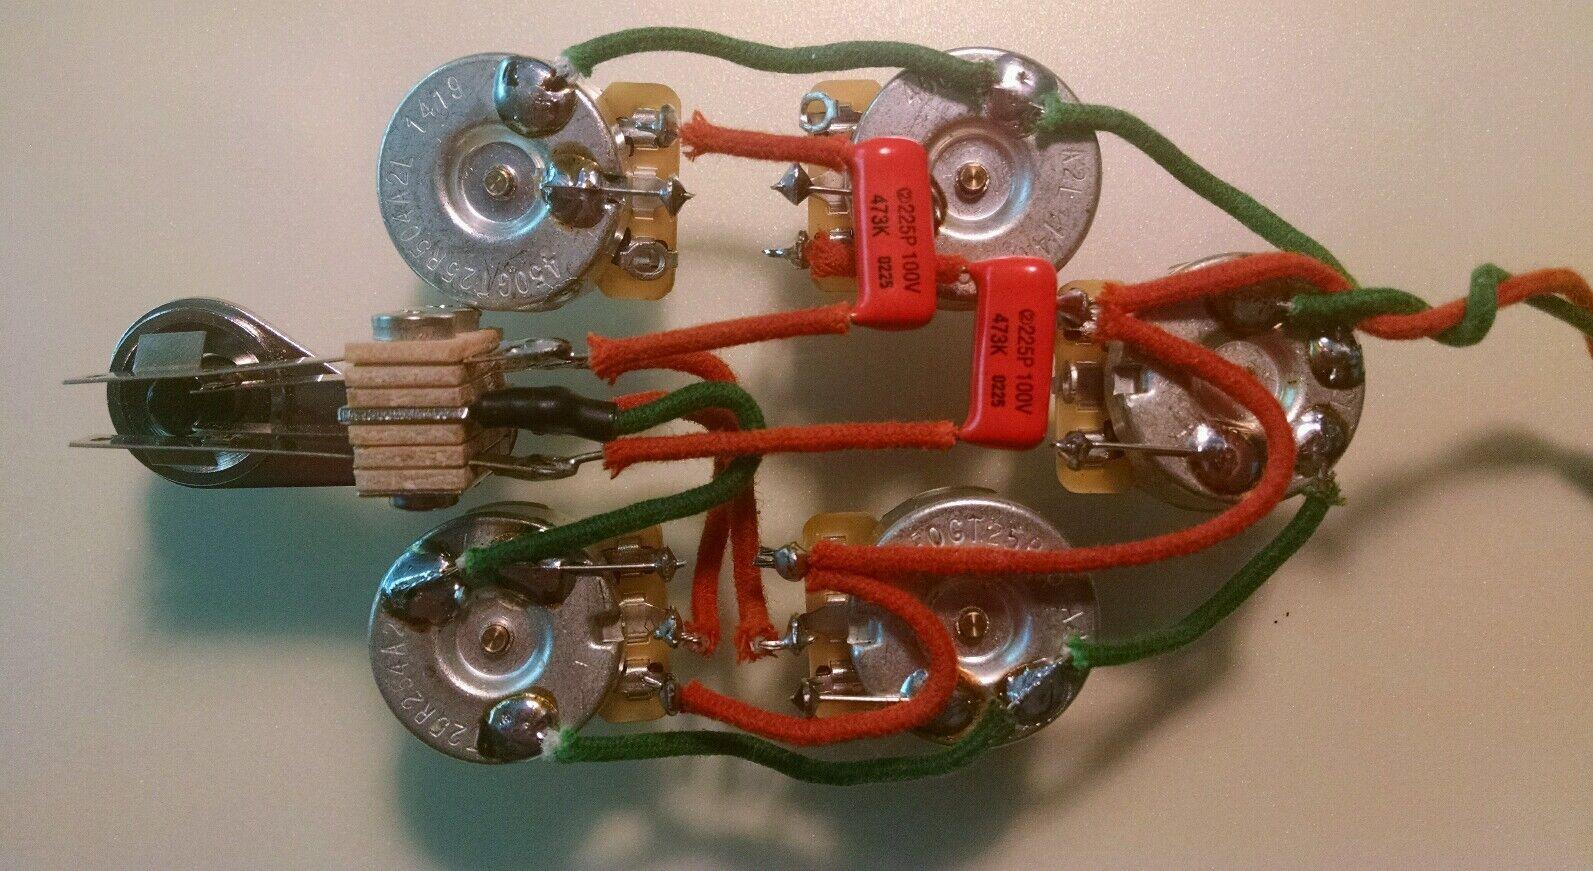 Gretsch Electromatic Corvettebrand New G5135cvt Fender Lead Ii Wiring Diagram Corvette